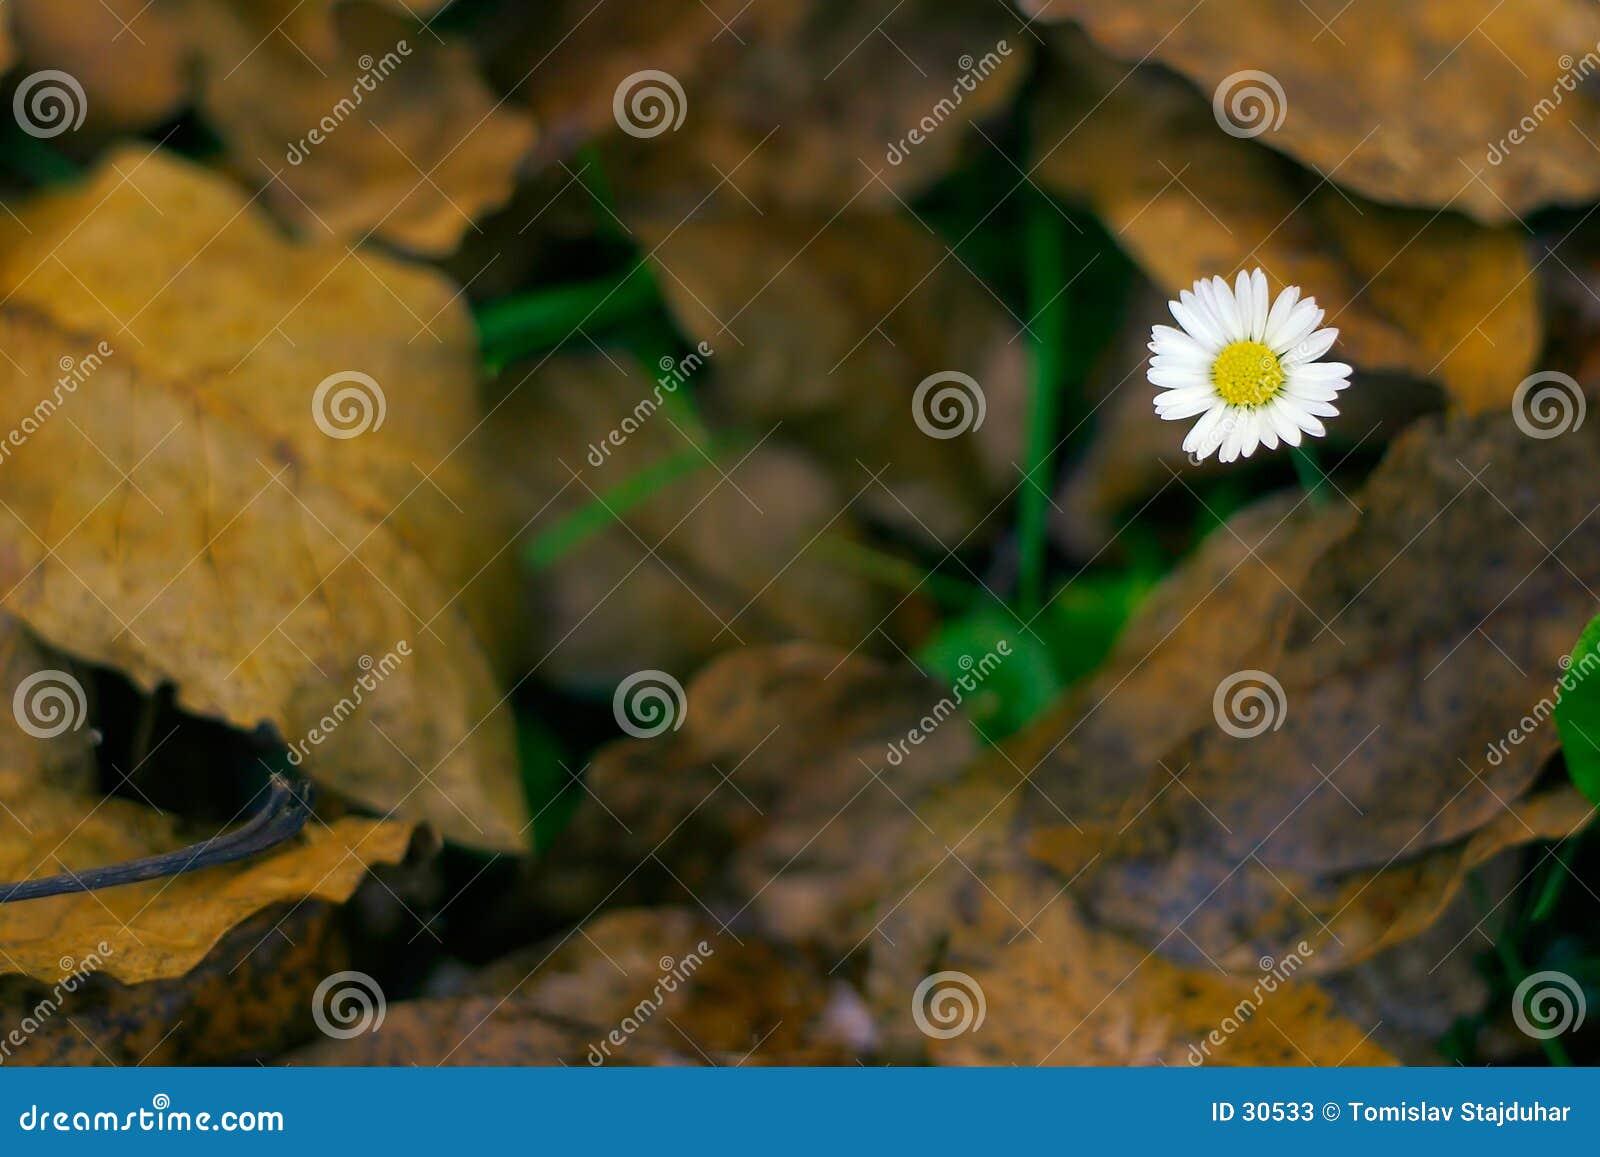 Download Lawndaisy y hojas muertas imagen de archivo. Imagen de estación - 30533